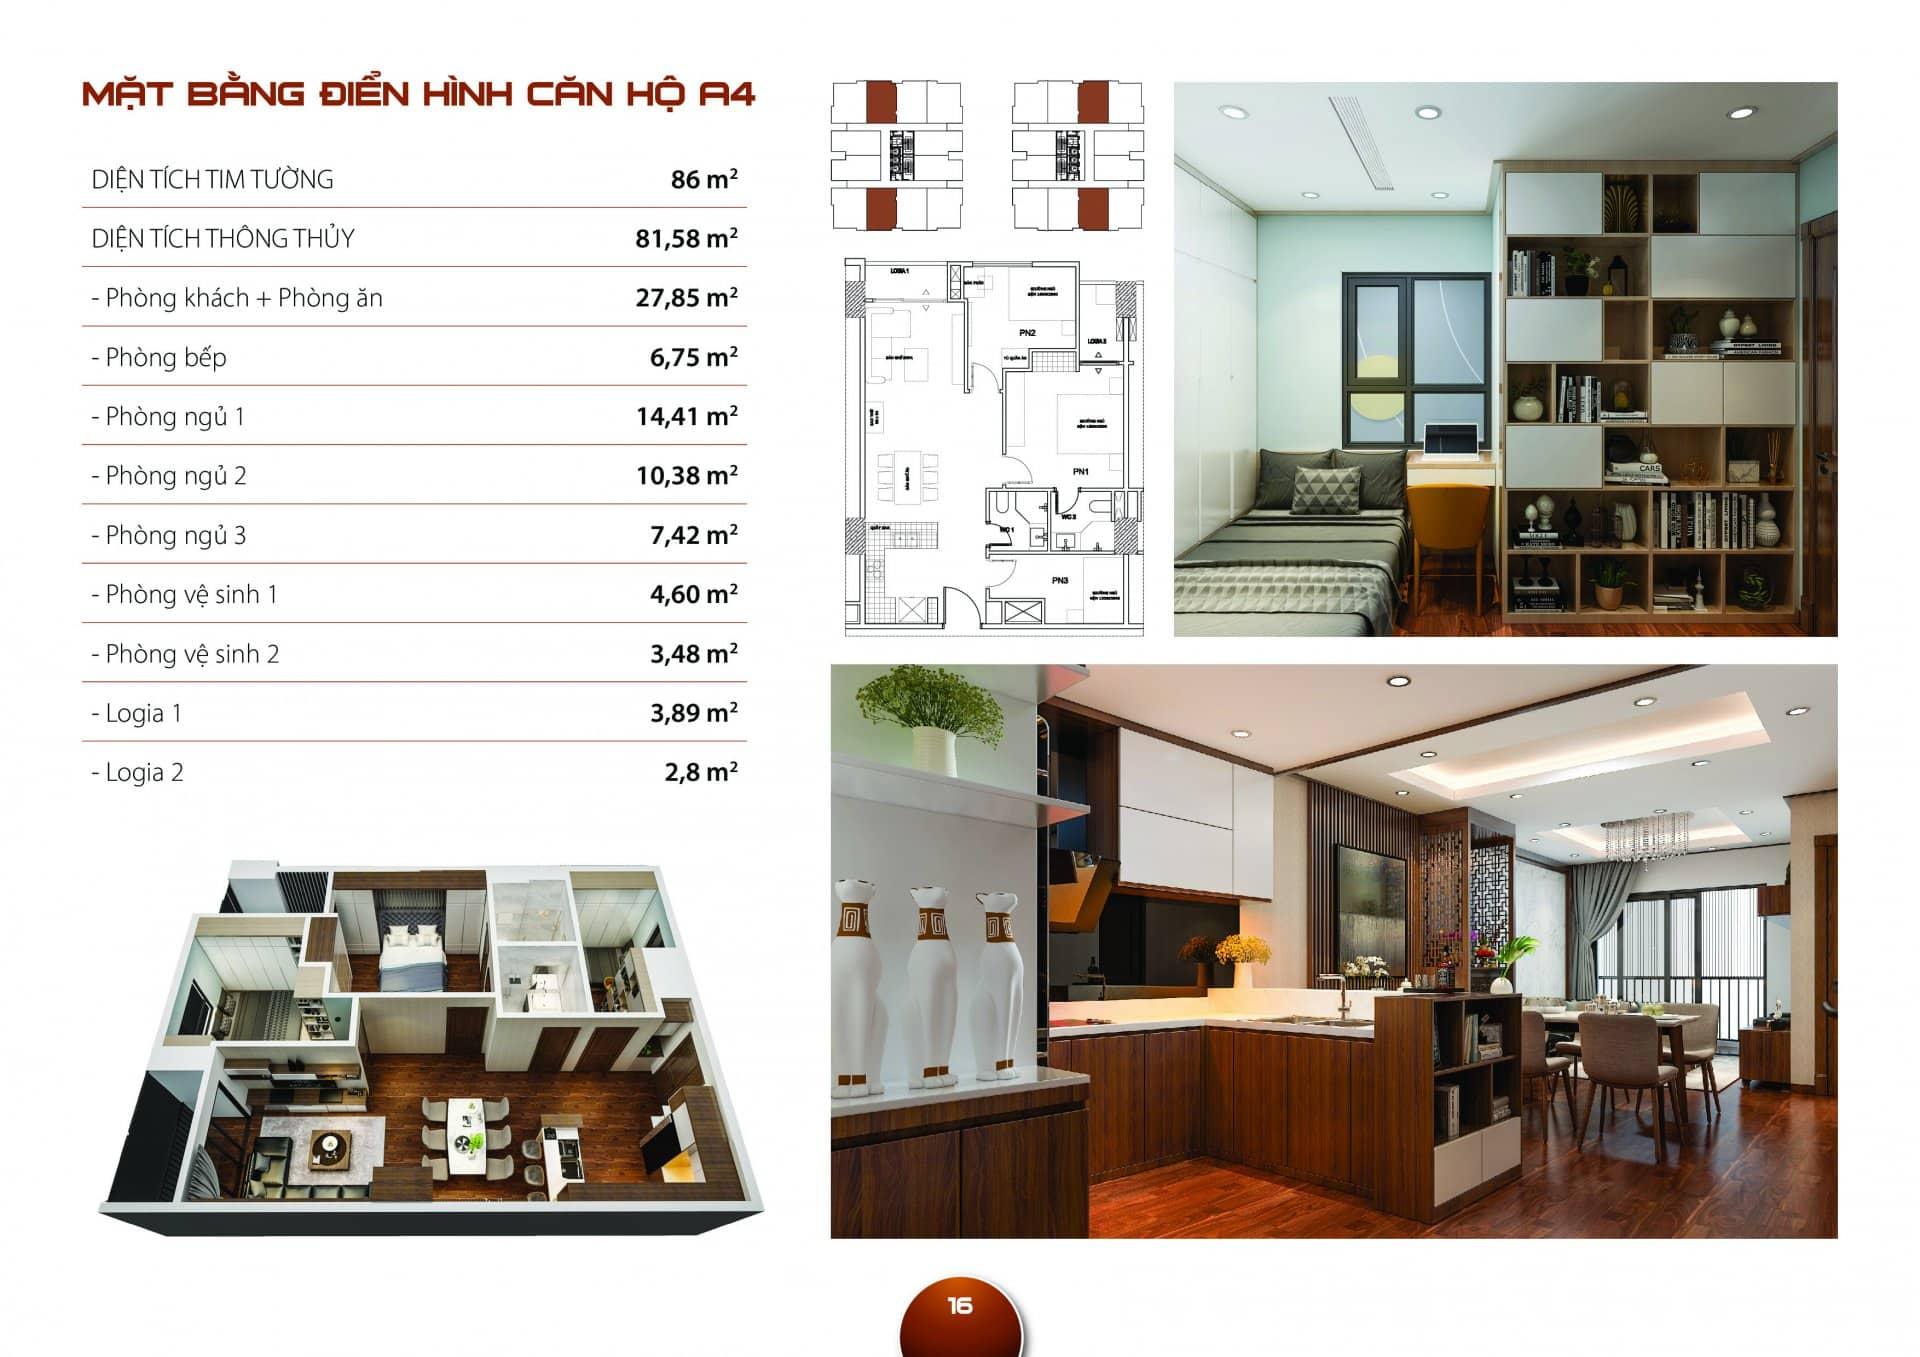 Căn hộ A4 Diện tích thông thủy 81,58m2 thiết kế 03 phòng ngủ